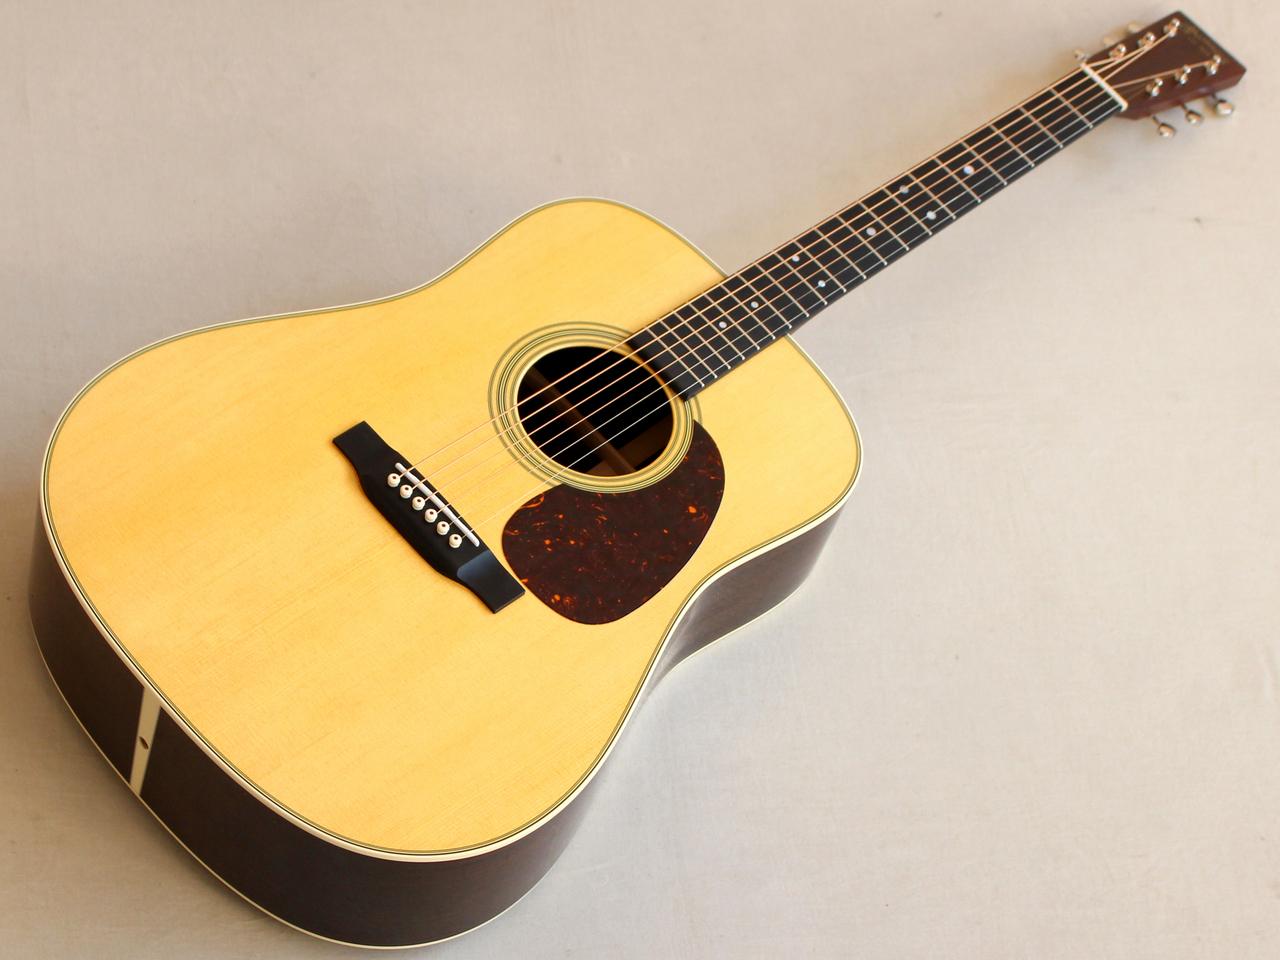 Martin ( マーチン ) D-28 Standard 【 アコースティックギター WO 】【正規輸入品 メーカー3年保証 】